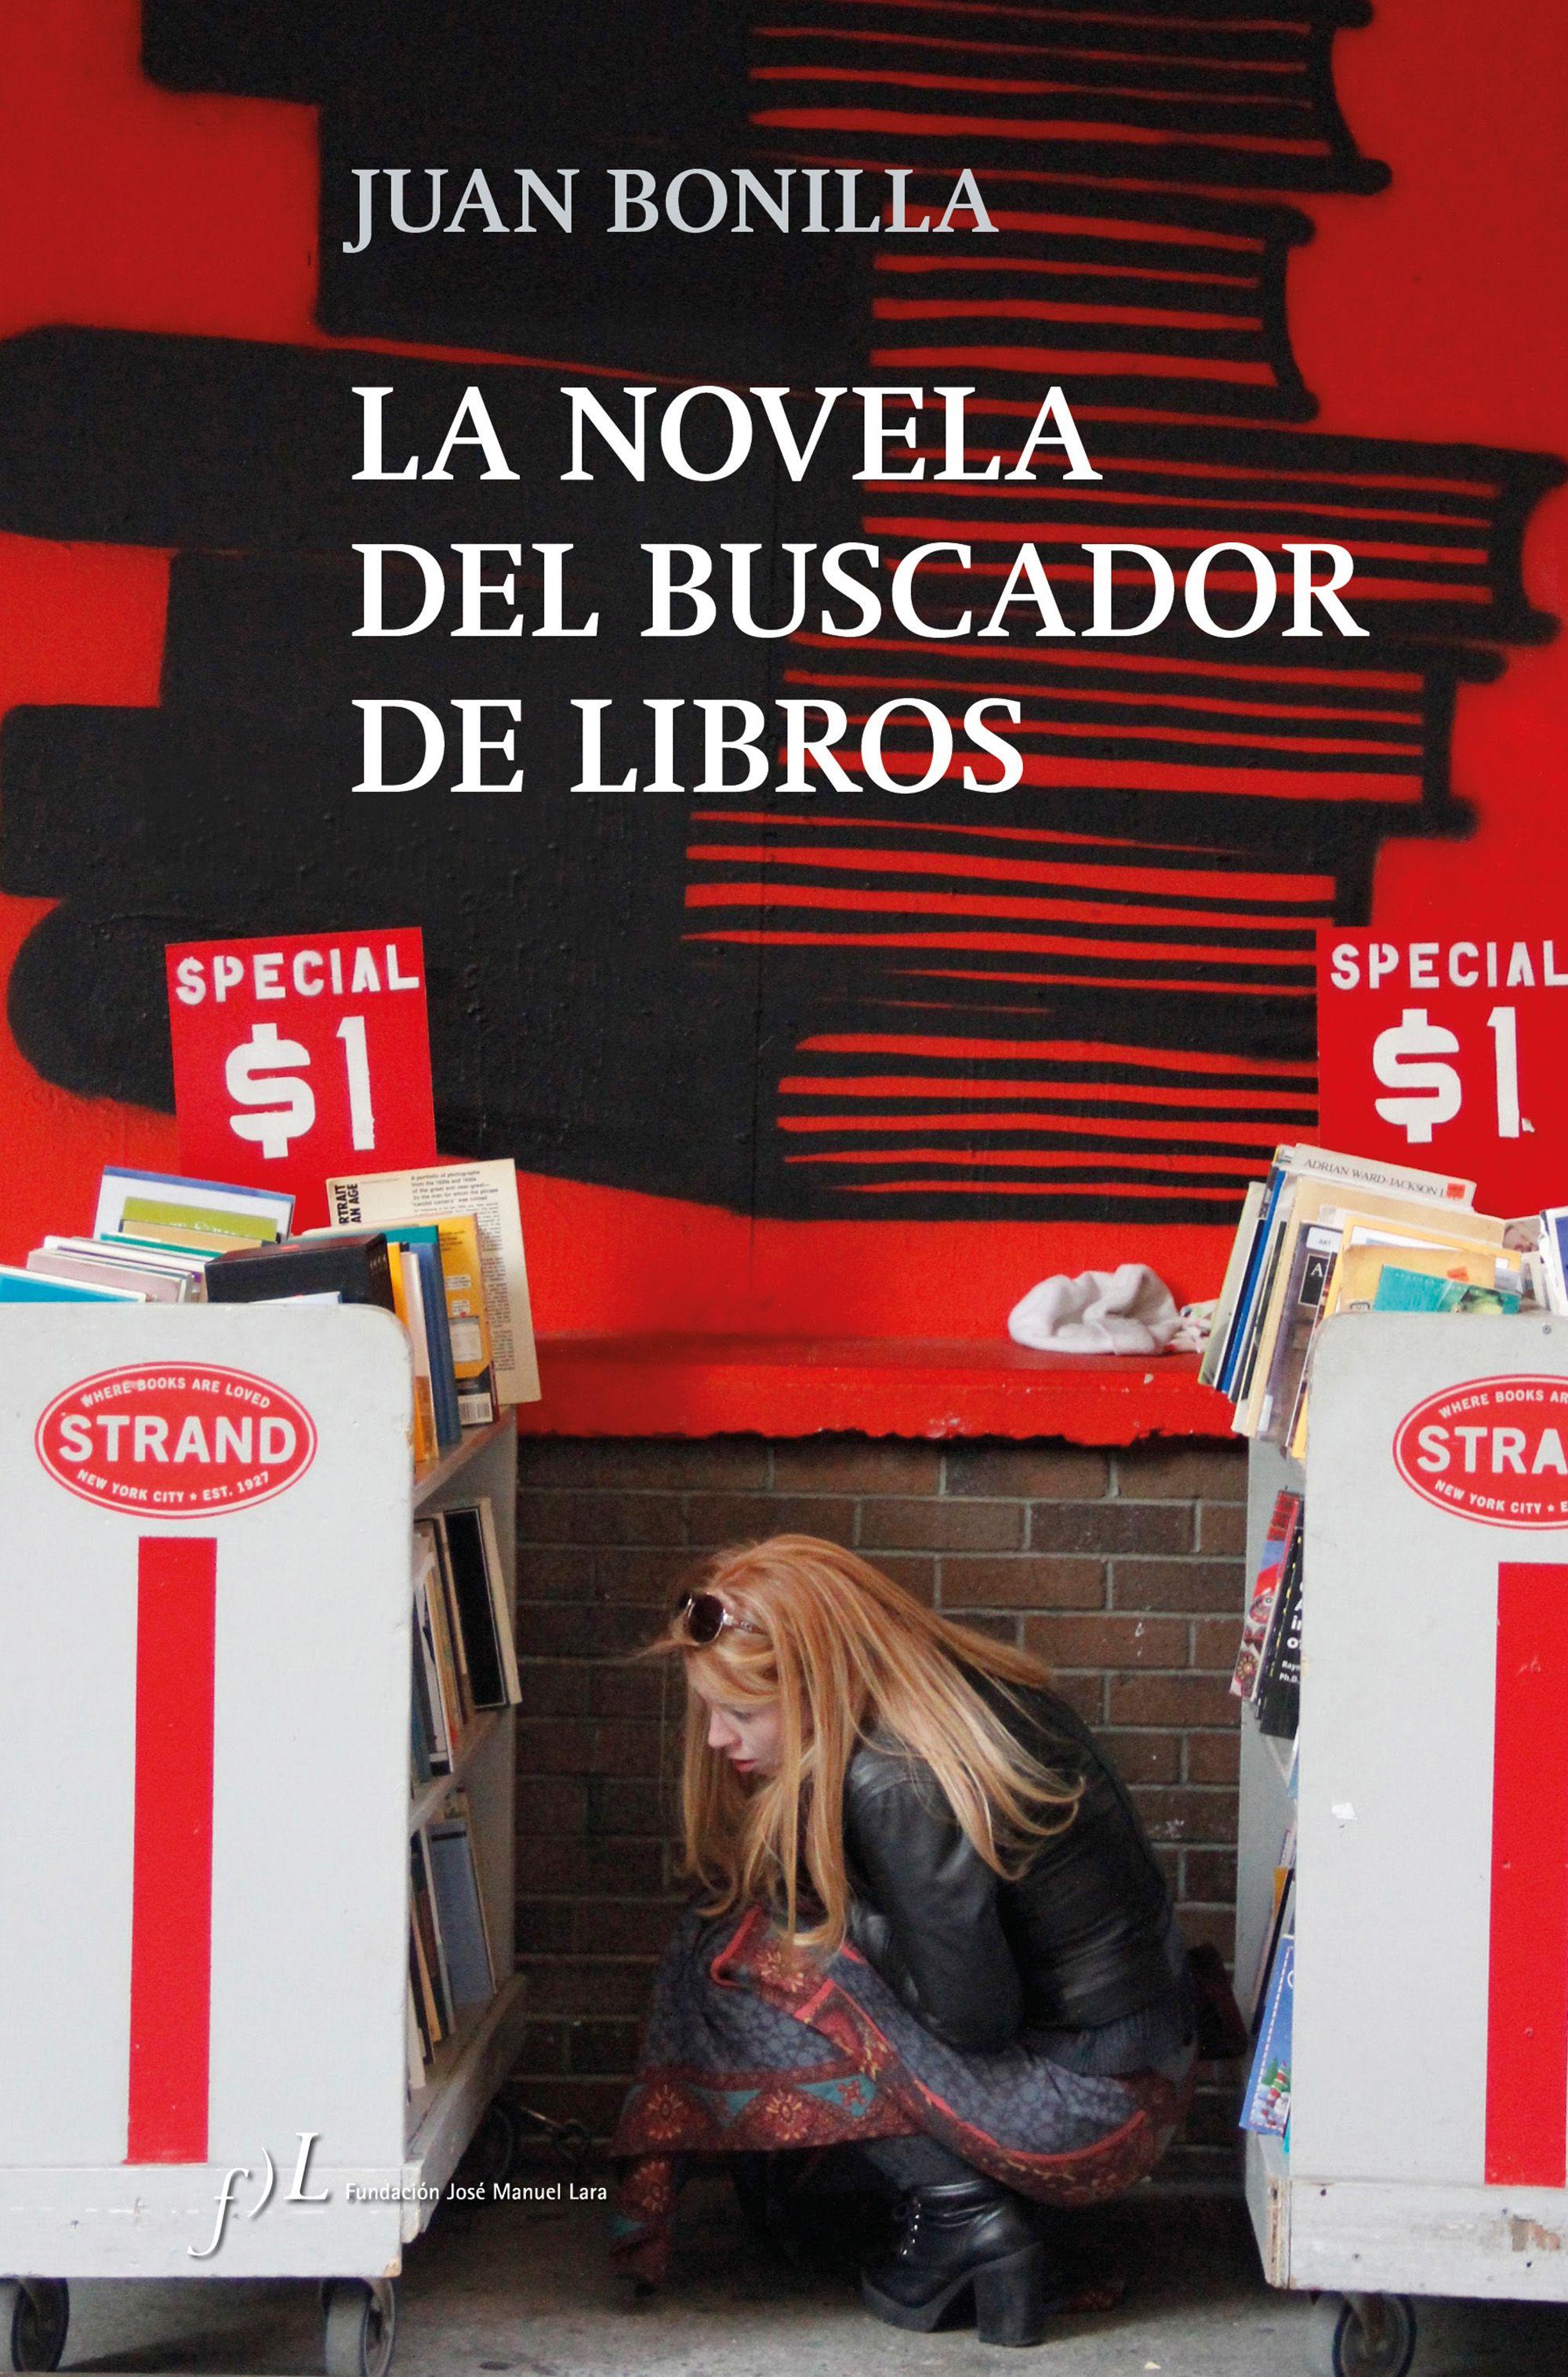 La novela del buscador de libros, de Juan Bonilla - Libros sobre bibliofilia y bibliopatías